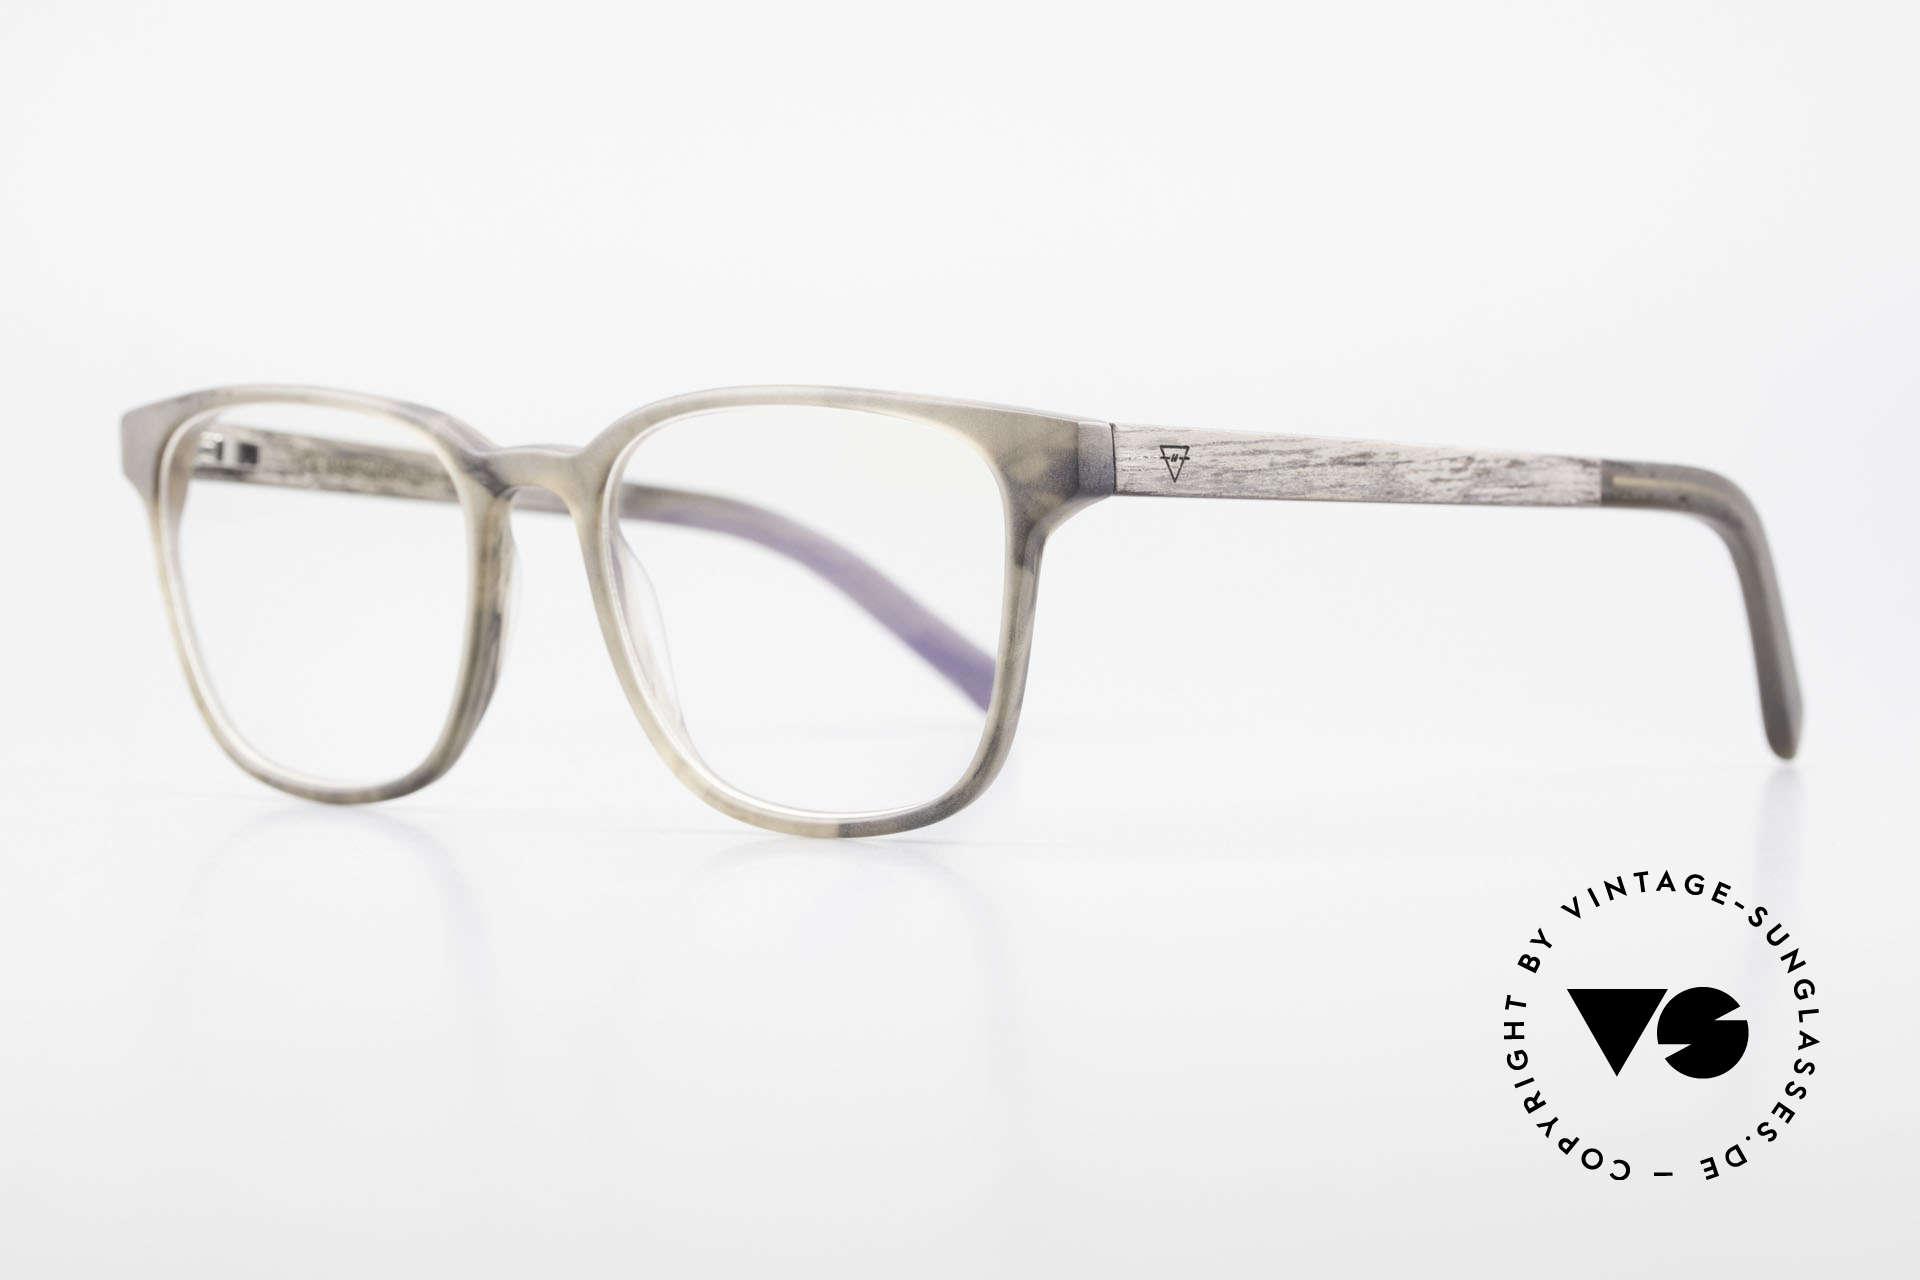 Kerbholz Ludwig Holzbrille Herren Blackwood, ungetragenes Exemplar, mit flexiblen Federscharnieren, Passend für Herren